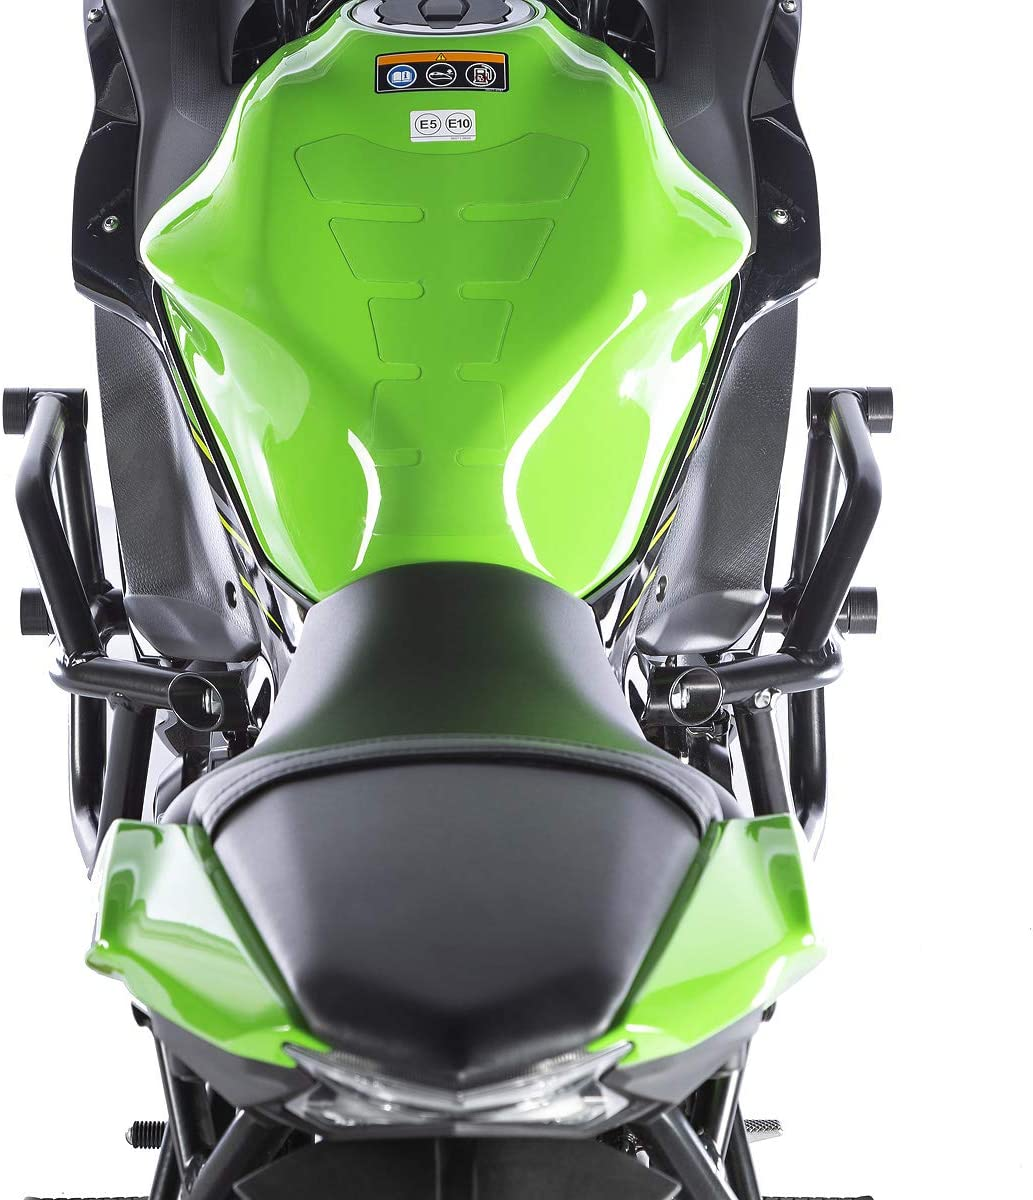 Kawasaki NINJA650 2017-2020 R-Gaza Stunt Cage Engine Guard Crash Bars